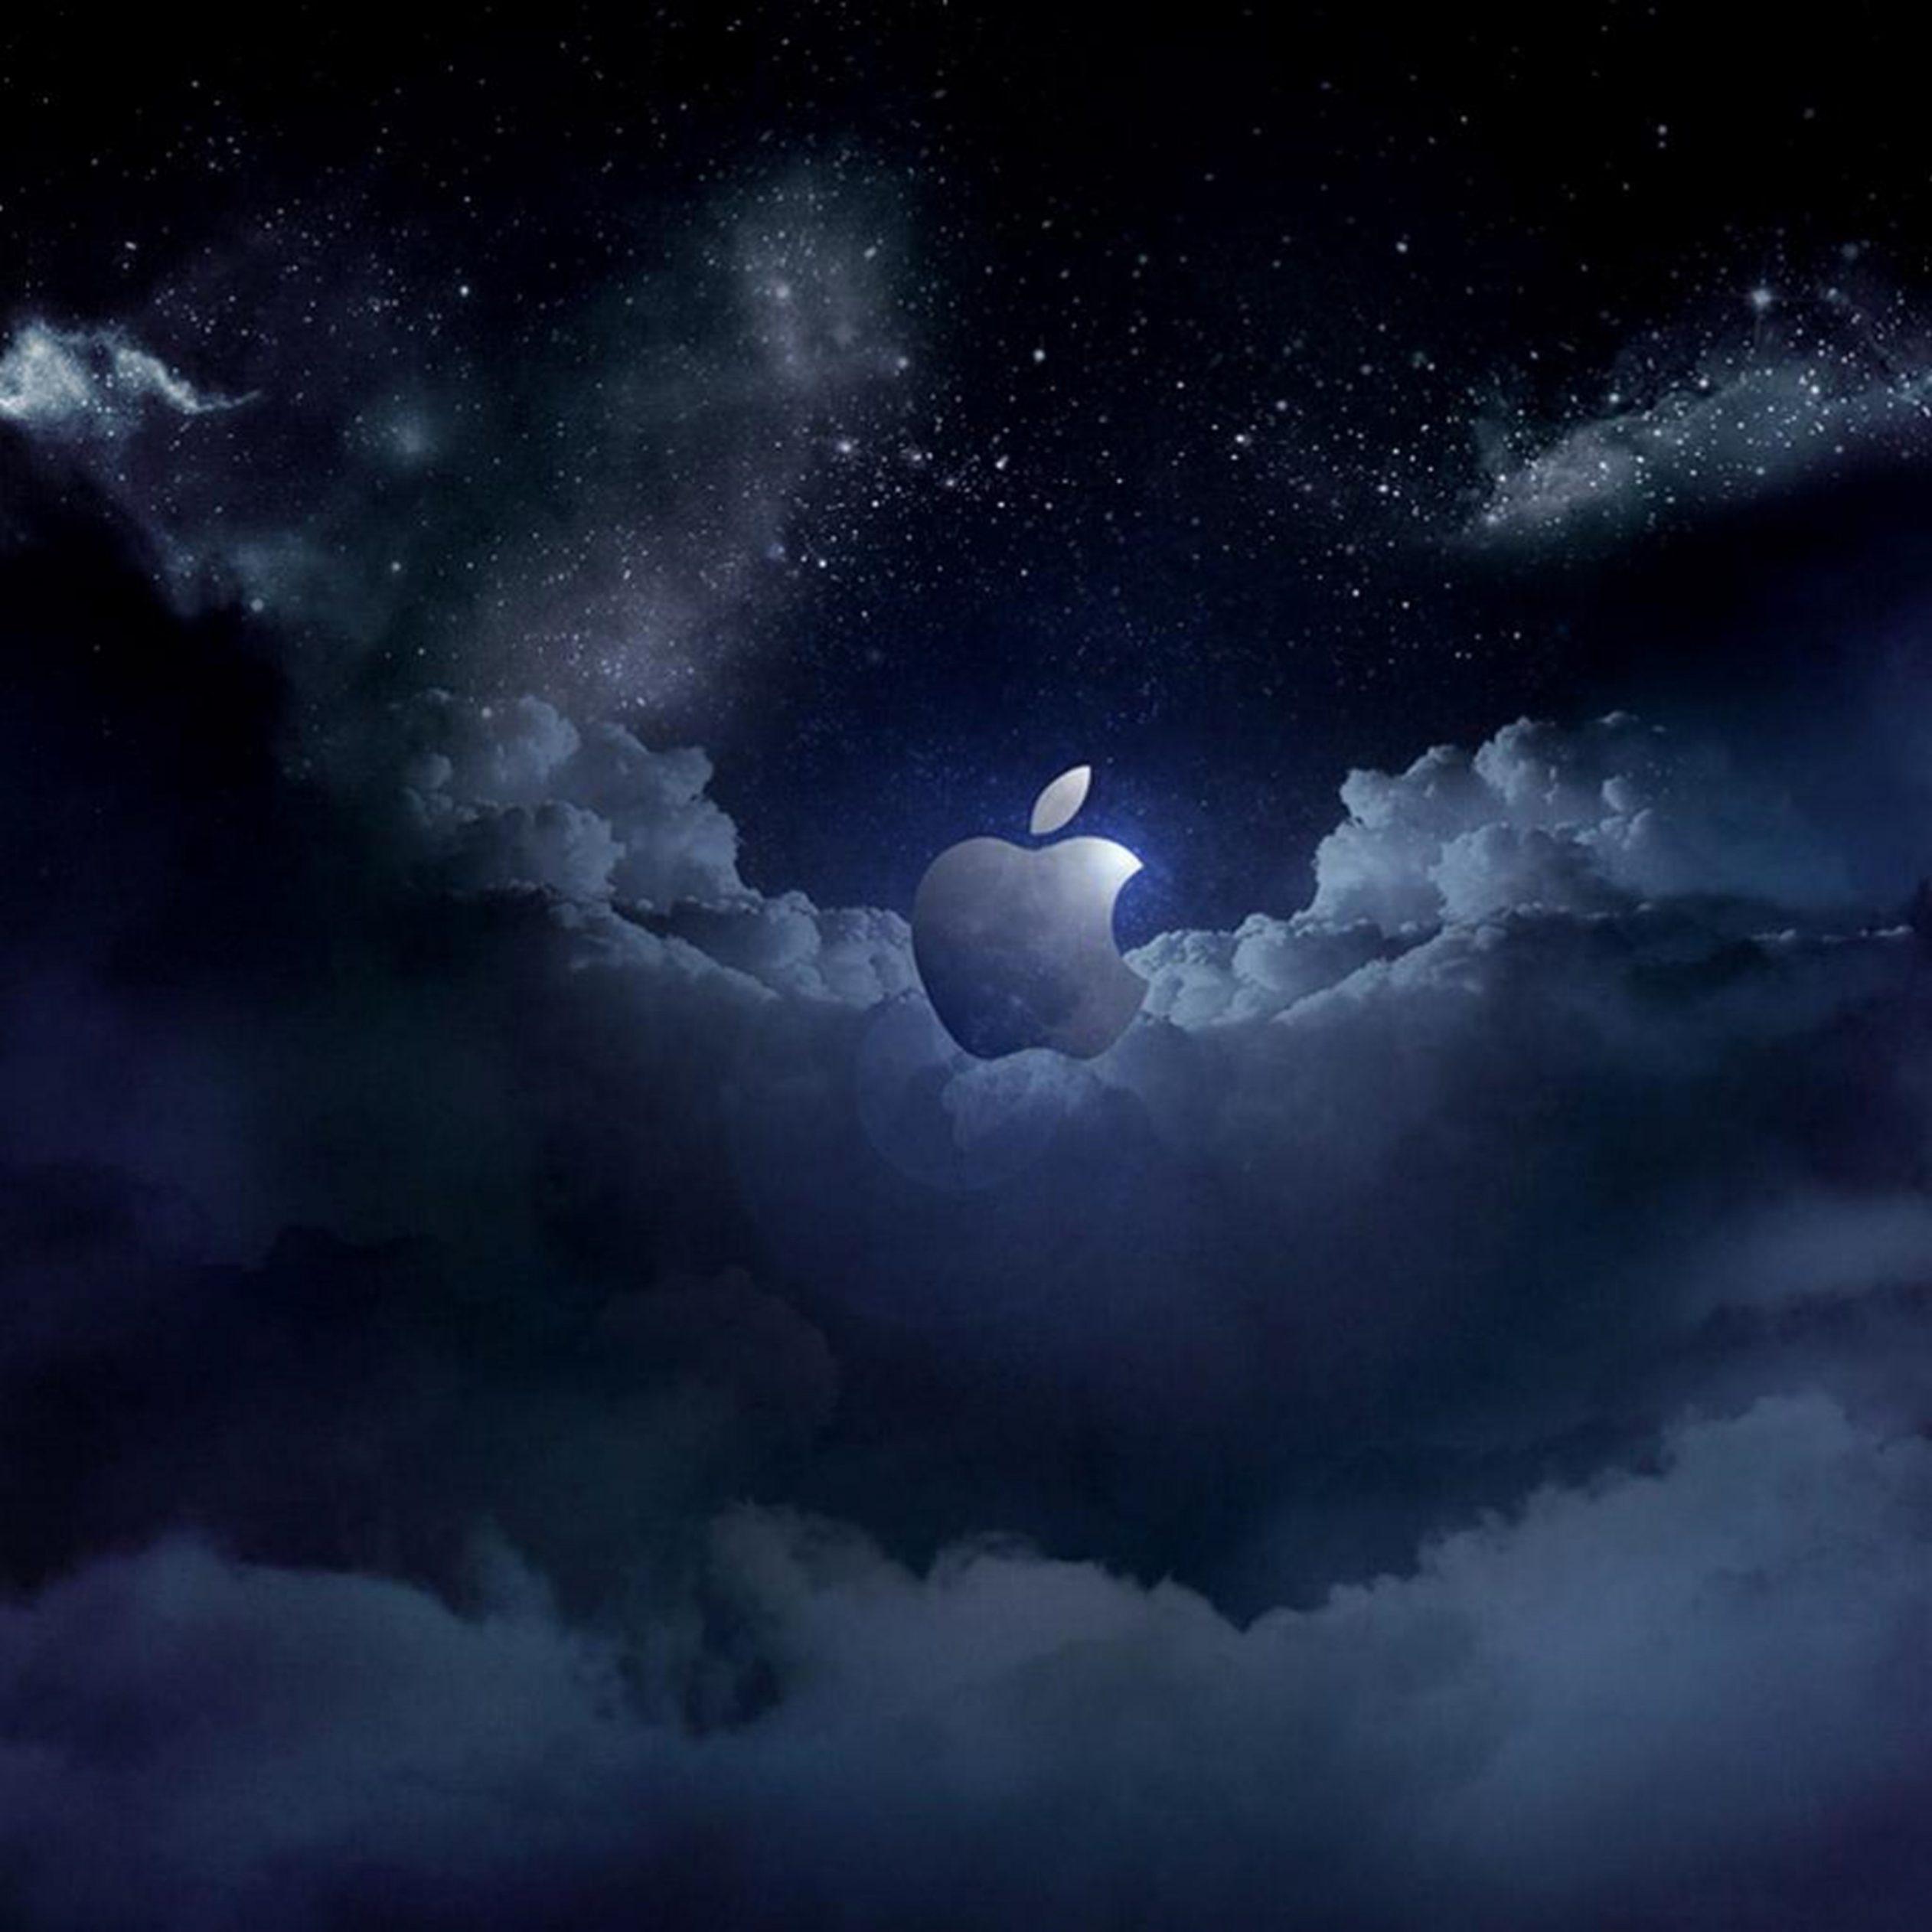 2524x2524 Parallax wallpaper 4k Apple Cloud at Night Ipad Wallpaper 2524x2524 pixels resolution